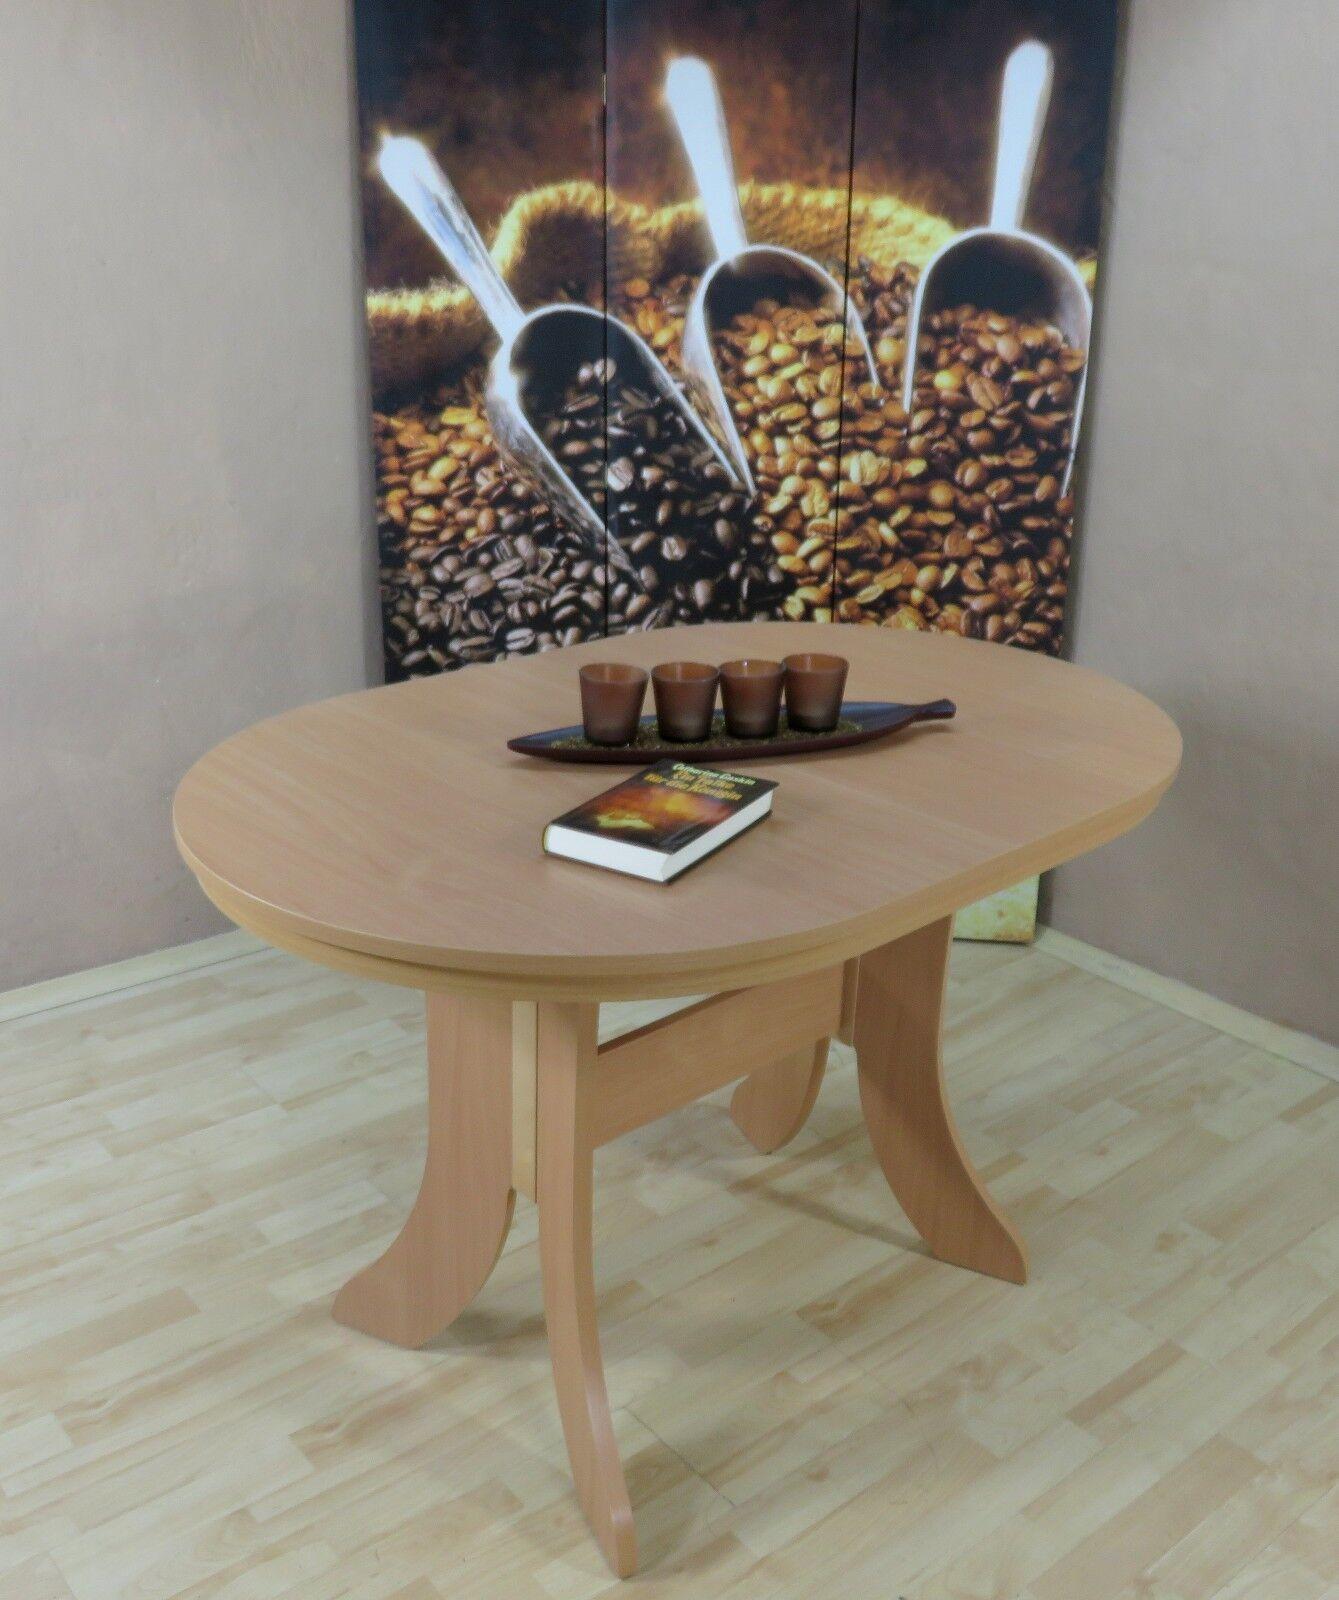 Auszugtisch Oval Buche Natur Esstisch Esszimmertisch Kuchentisch Ausziehbar Neu Kaufen Bei Go Perfect